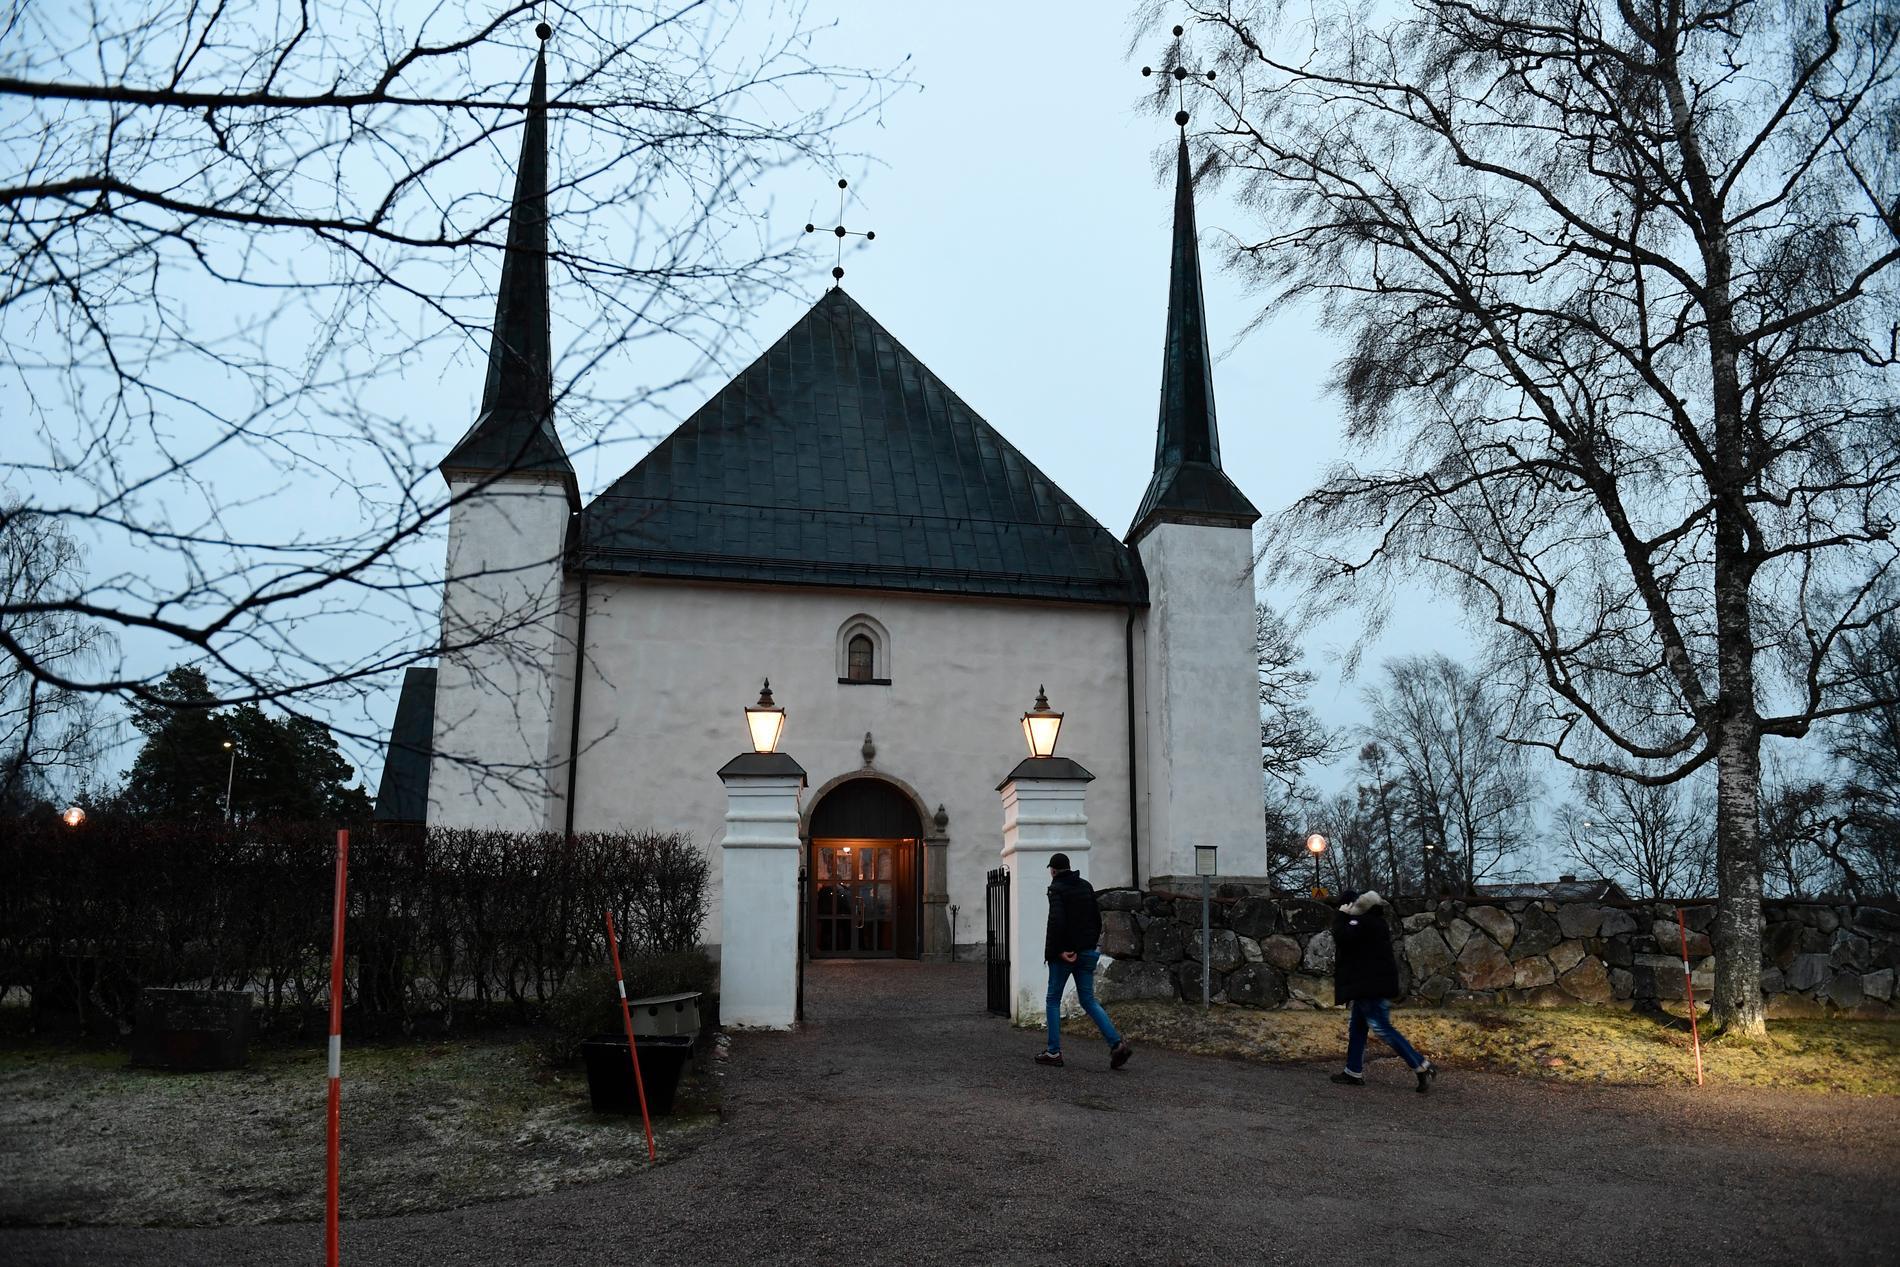 Björklinge kyrka i samband med den minnesstund som hölls för Carl dagen efter att han knivhöggs till döds.